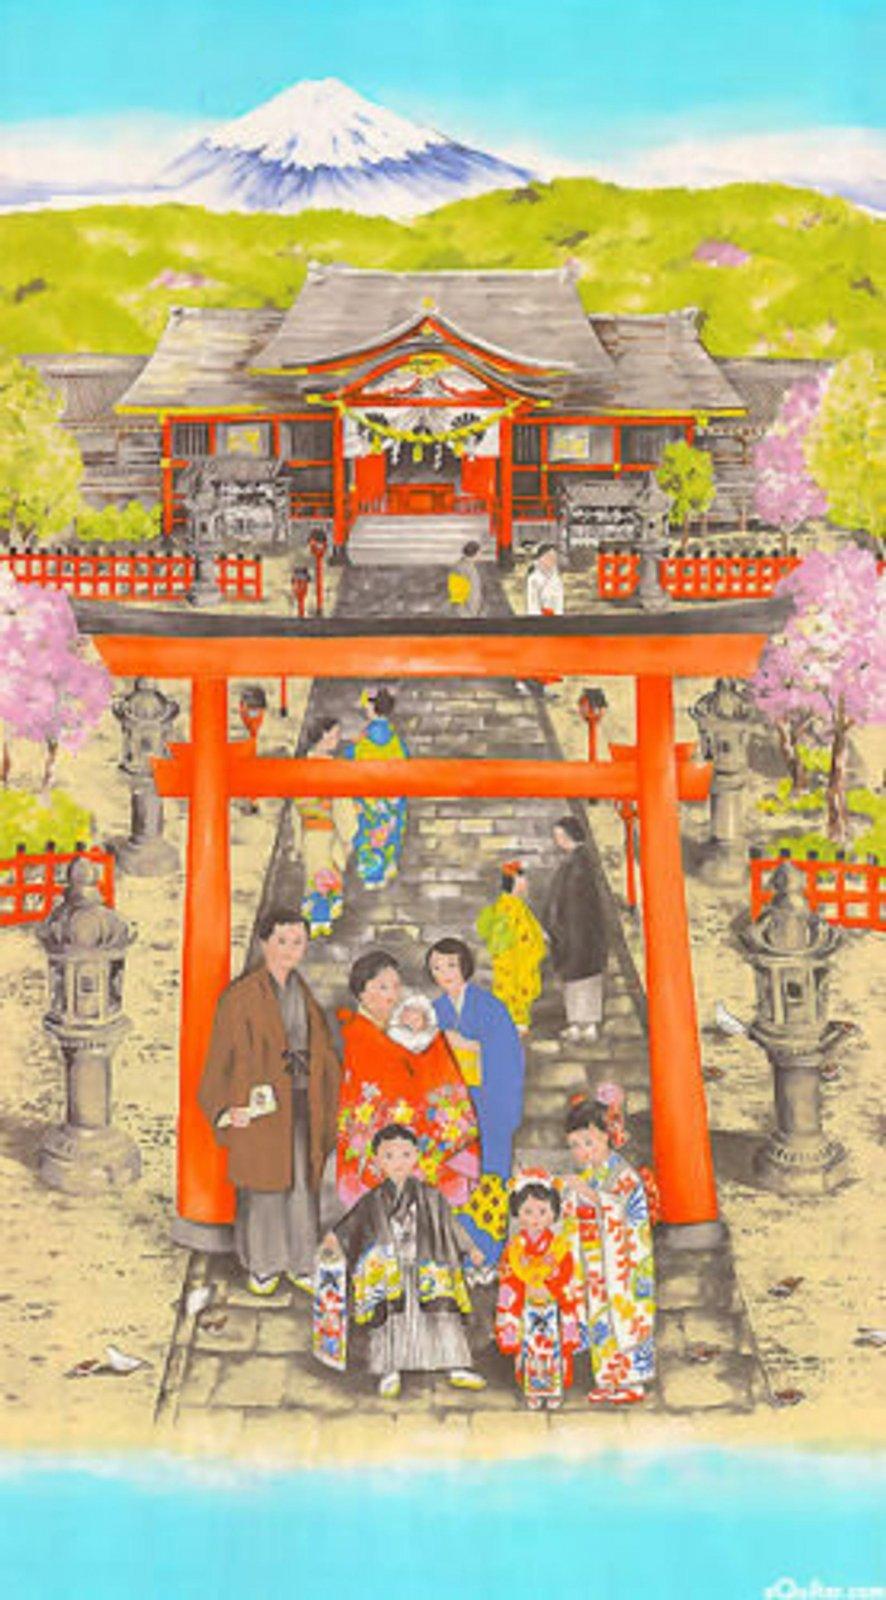 Miyamairi Panel by Michael Miller